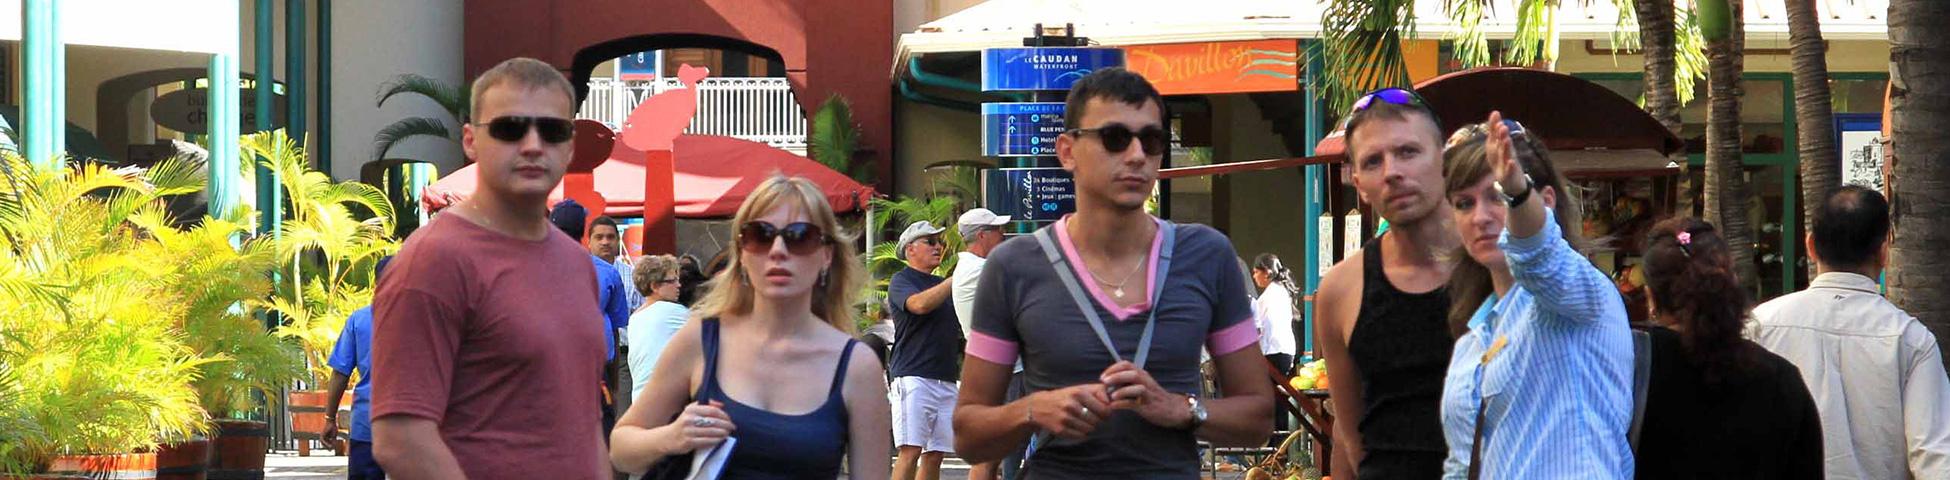 游览并参观毛里求斯名胜古迹。